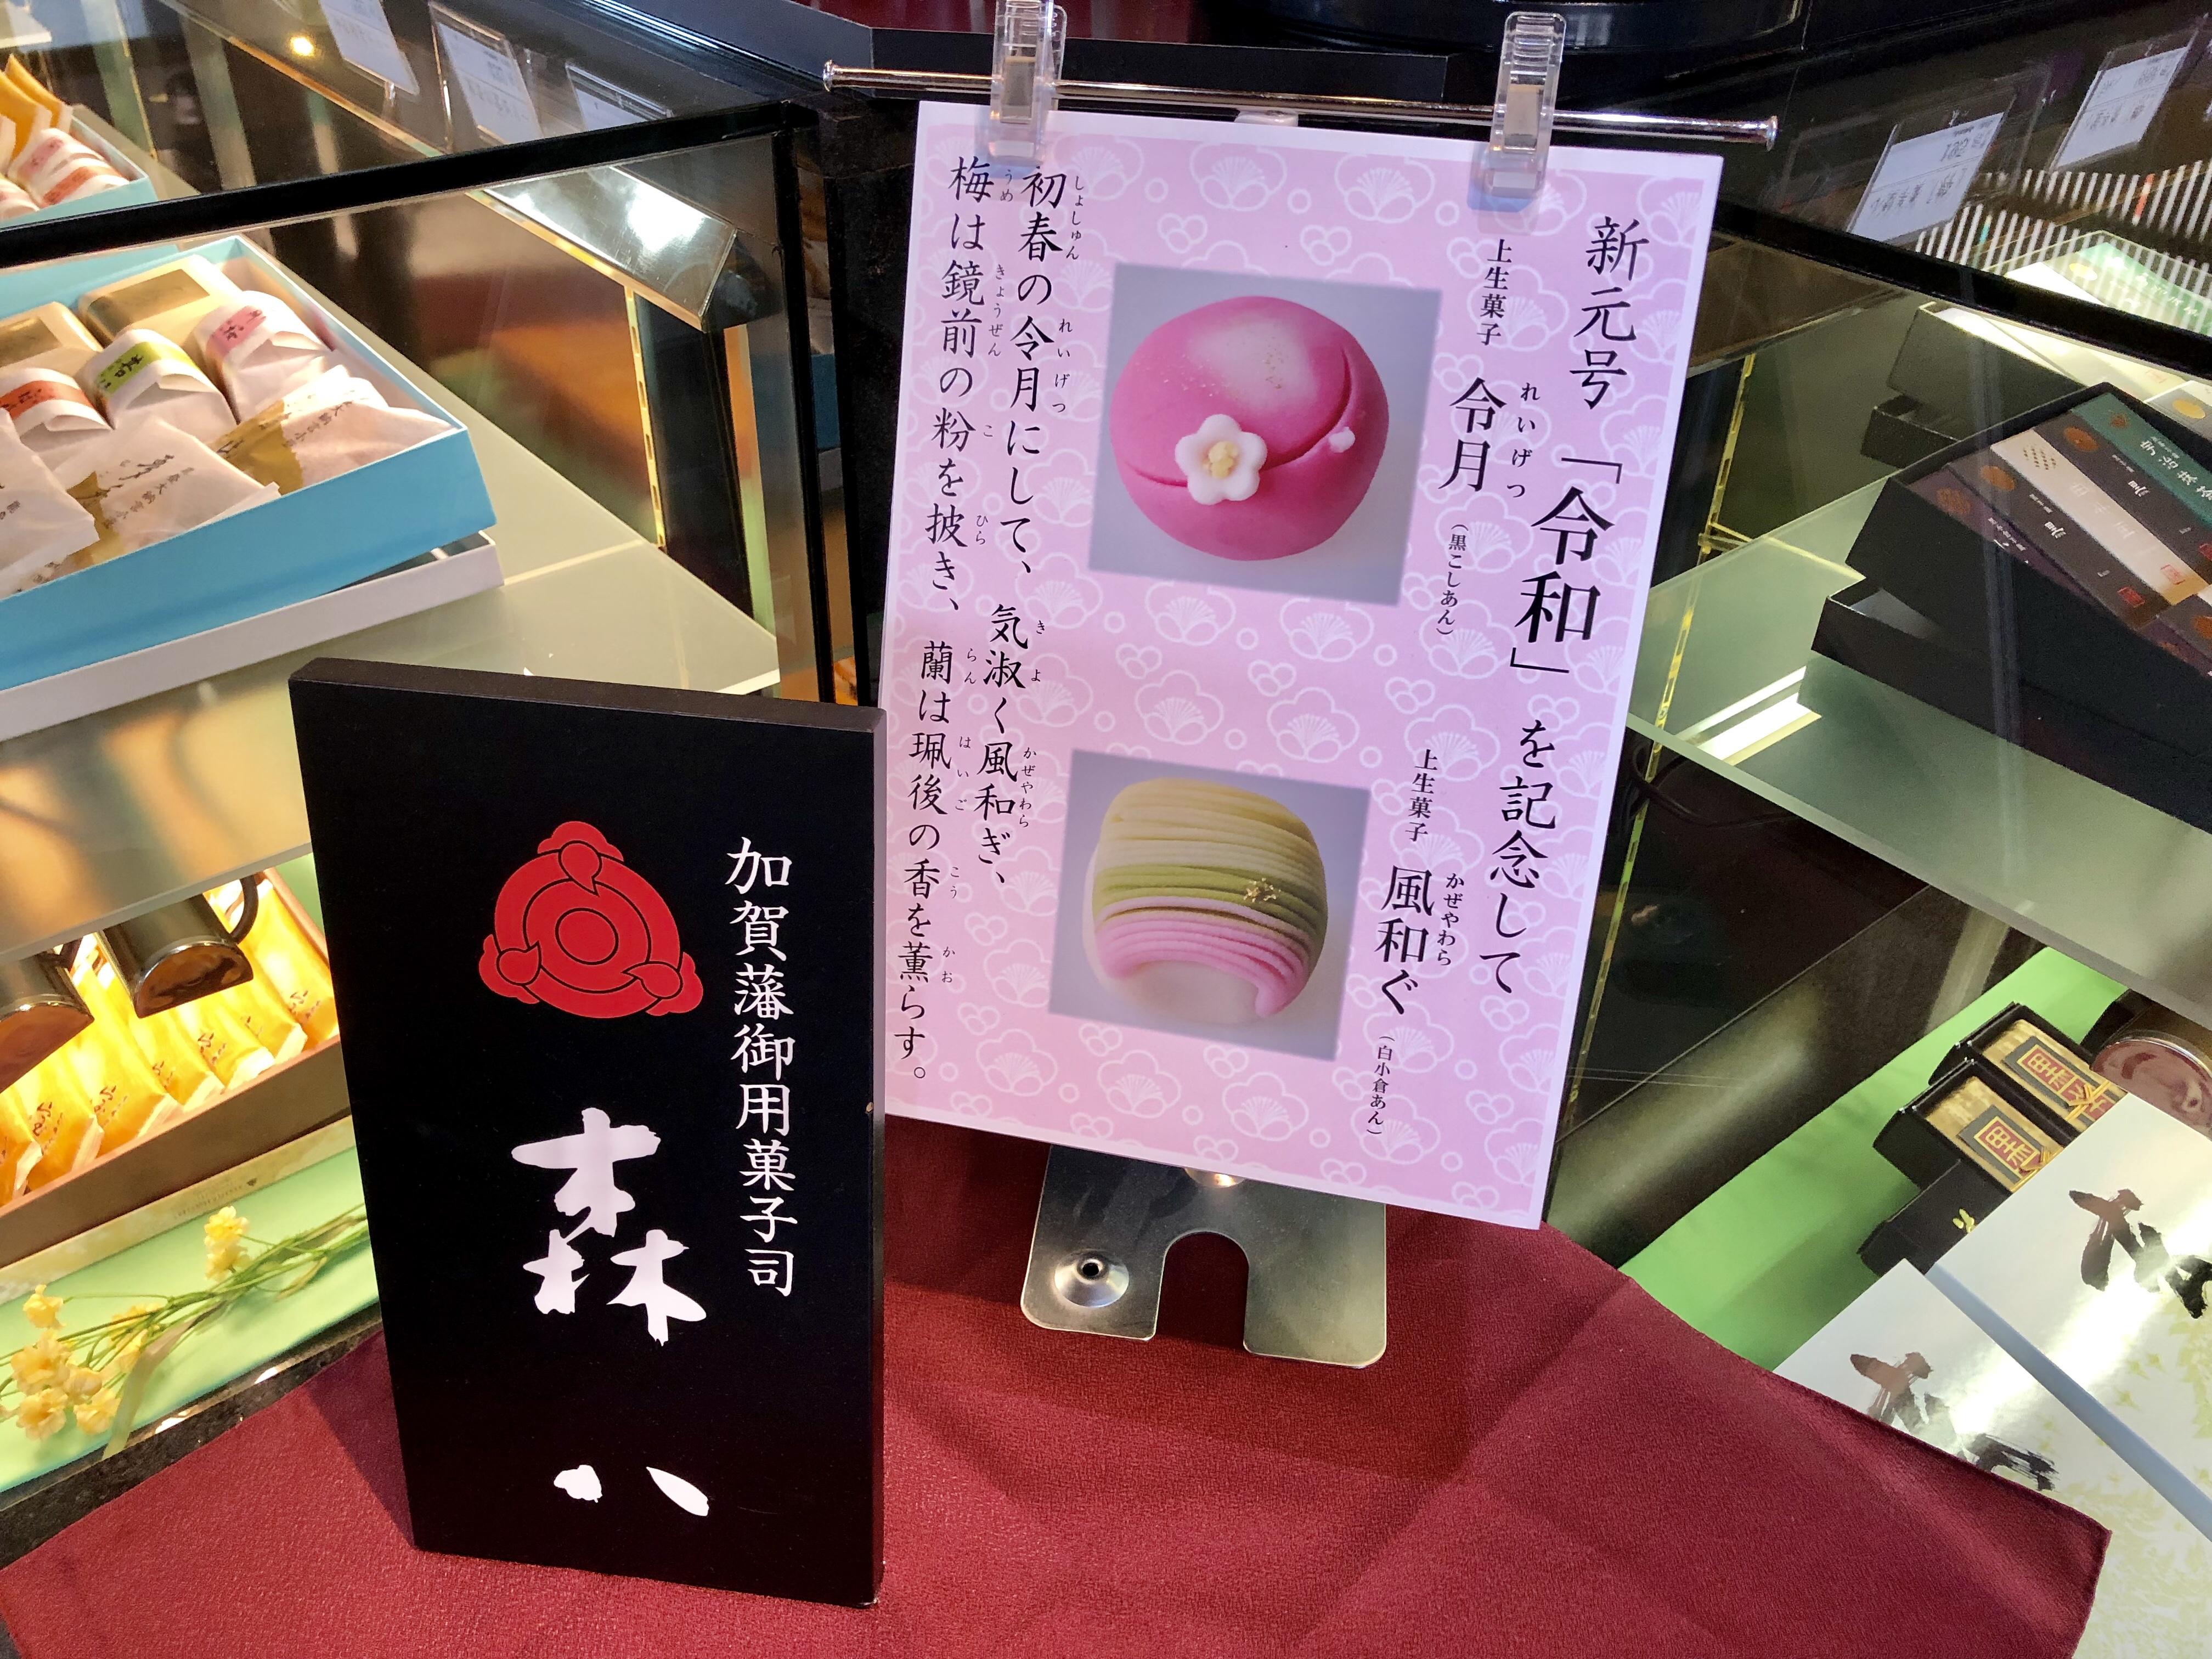 金沢市の老舗の森八の上生菓子